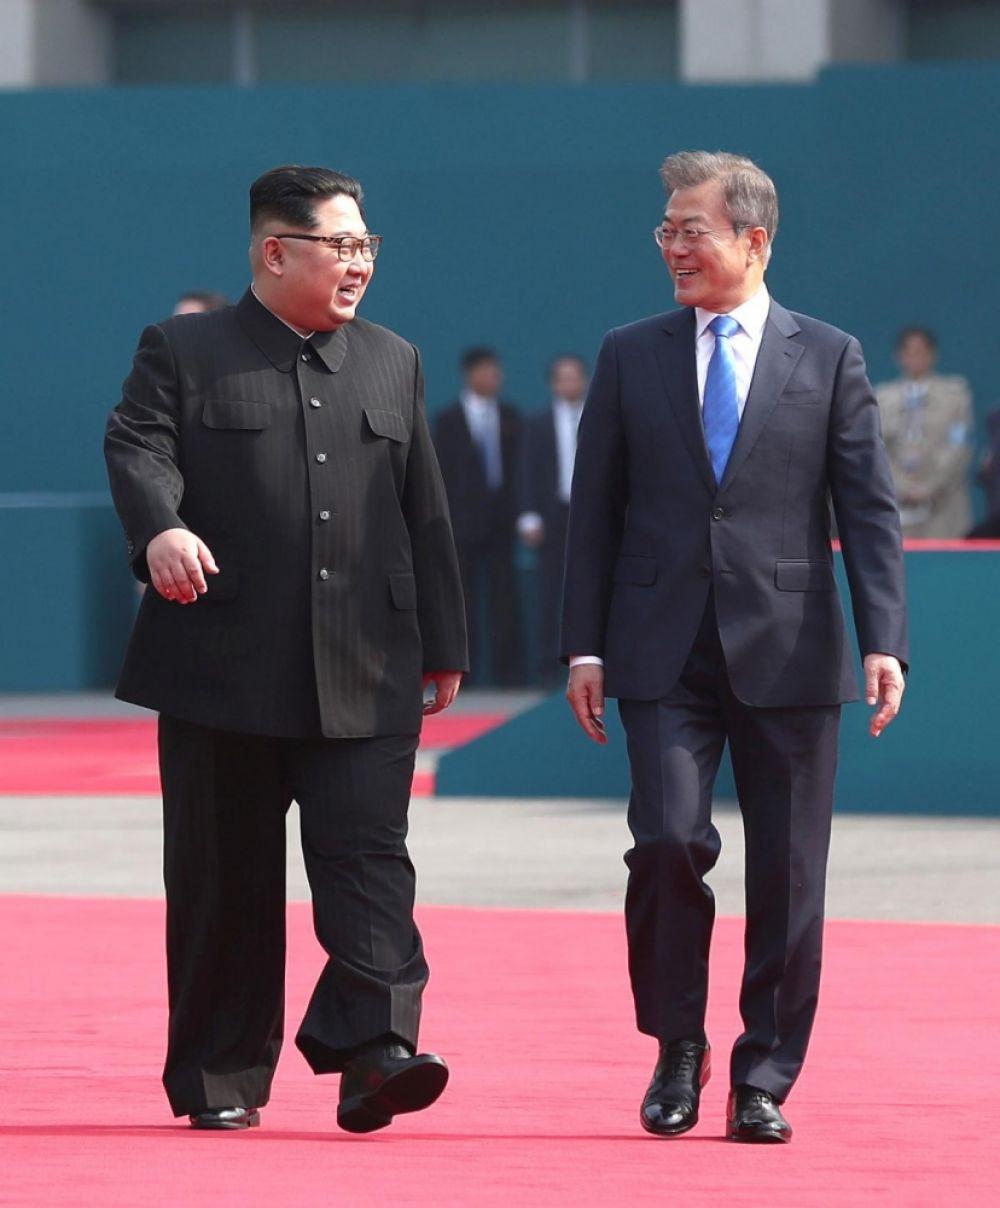 Встреча двух лидеров - Ким Чен Ына (КНДР) и Мун Чжэ Ина прошла 27 апреля 2018 года на демилитаризированной зоне, возле пограничного пункта Пханмунджом.